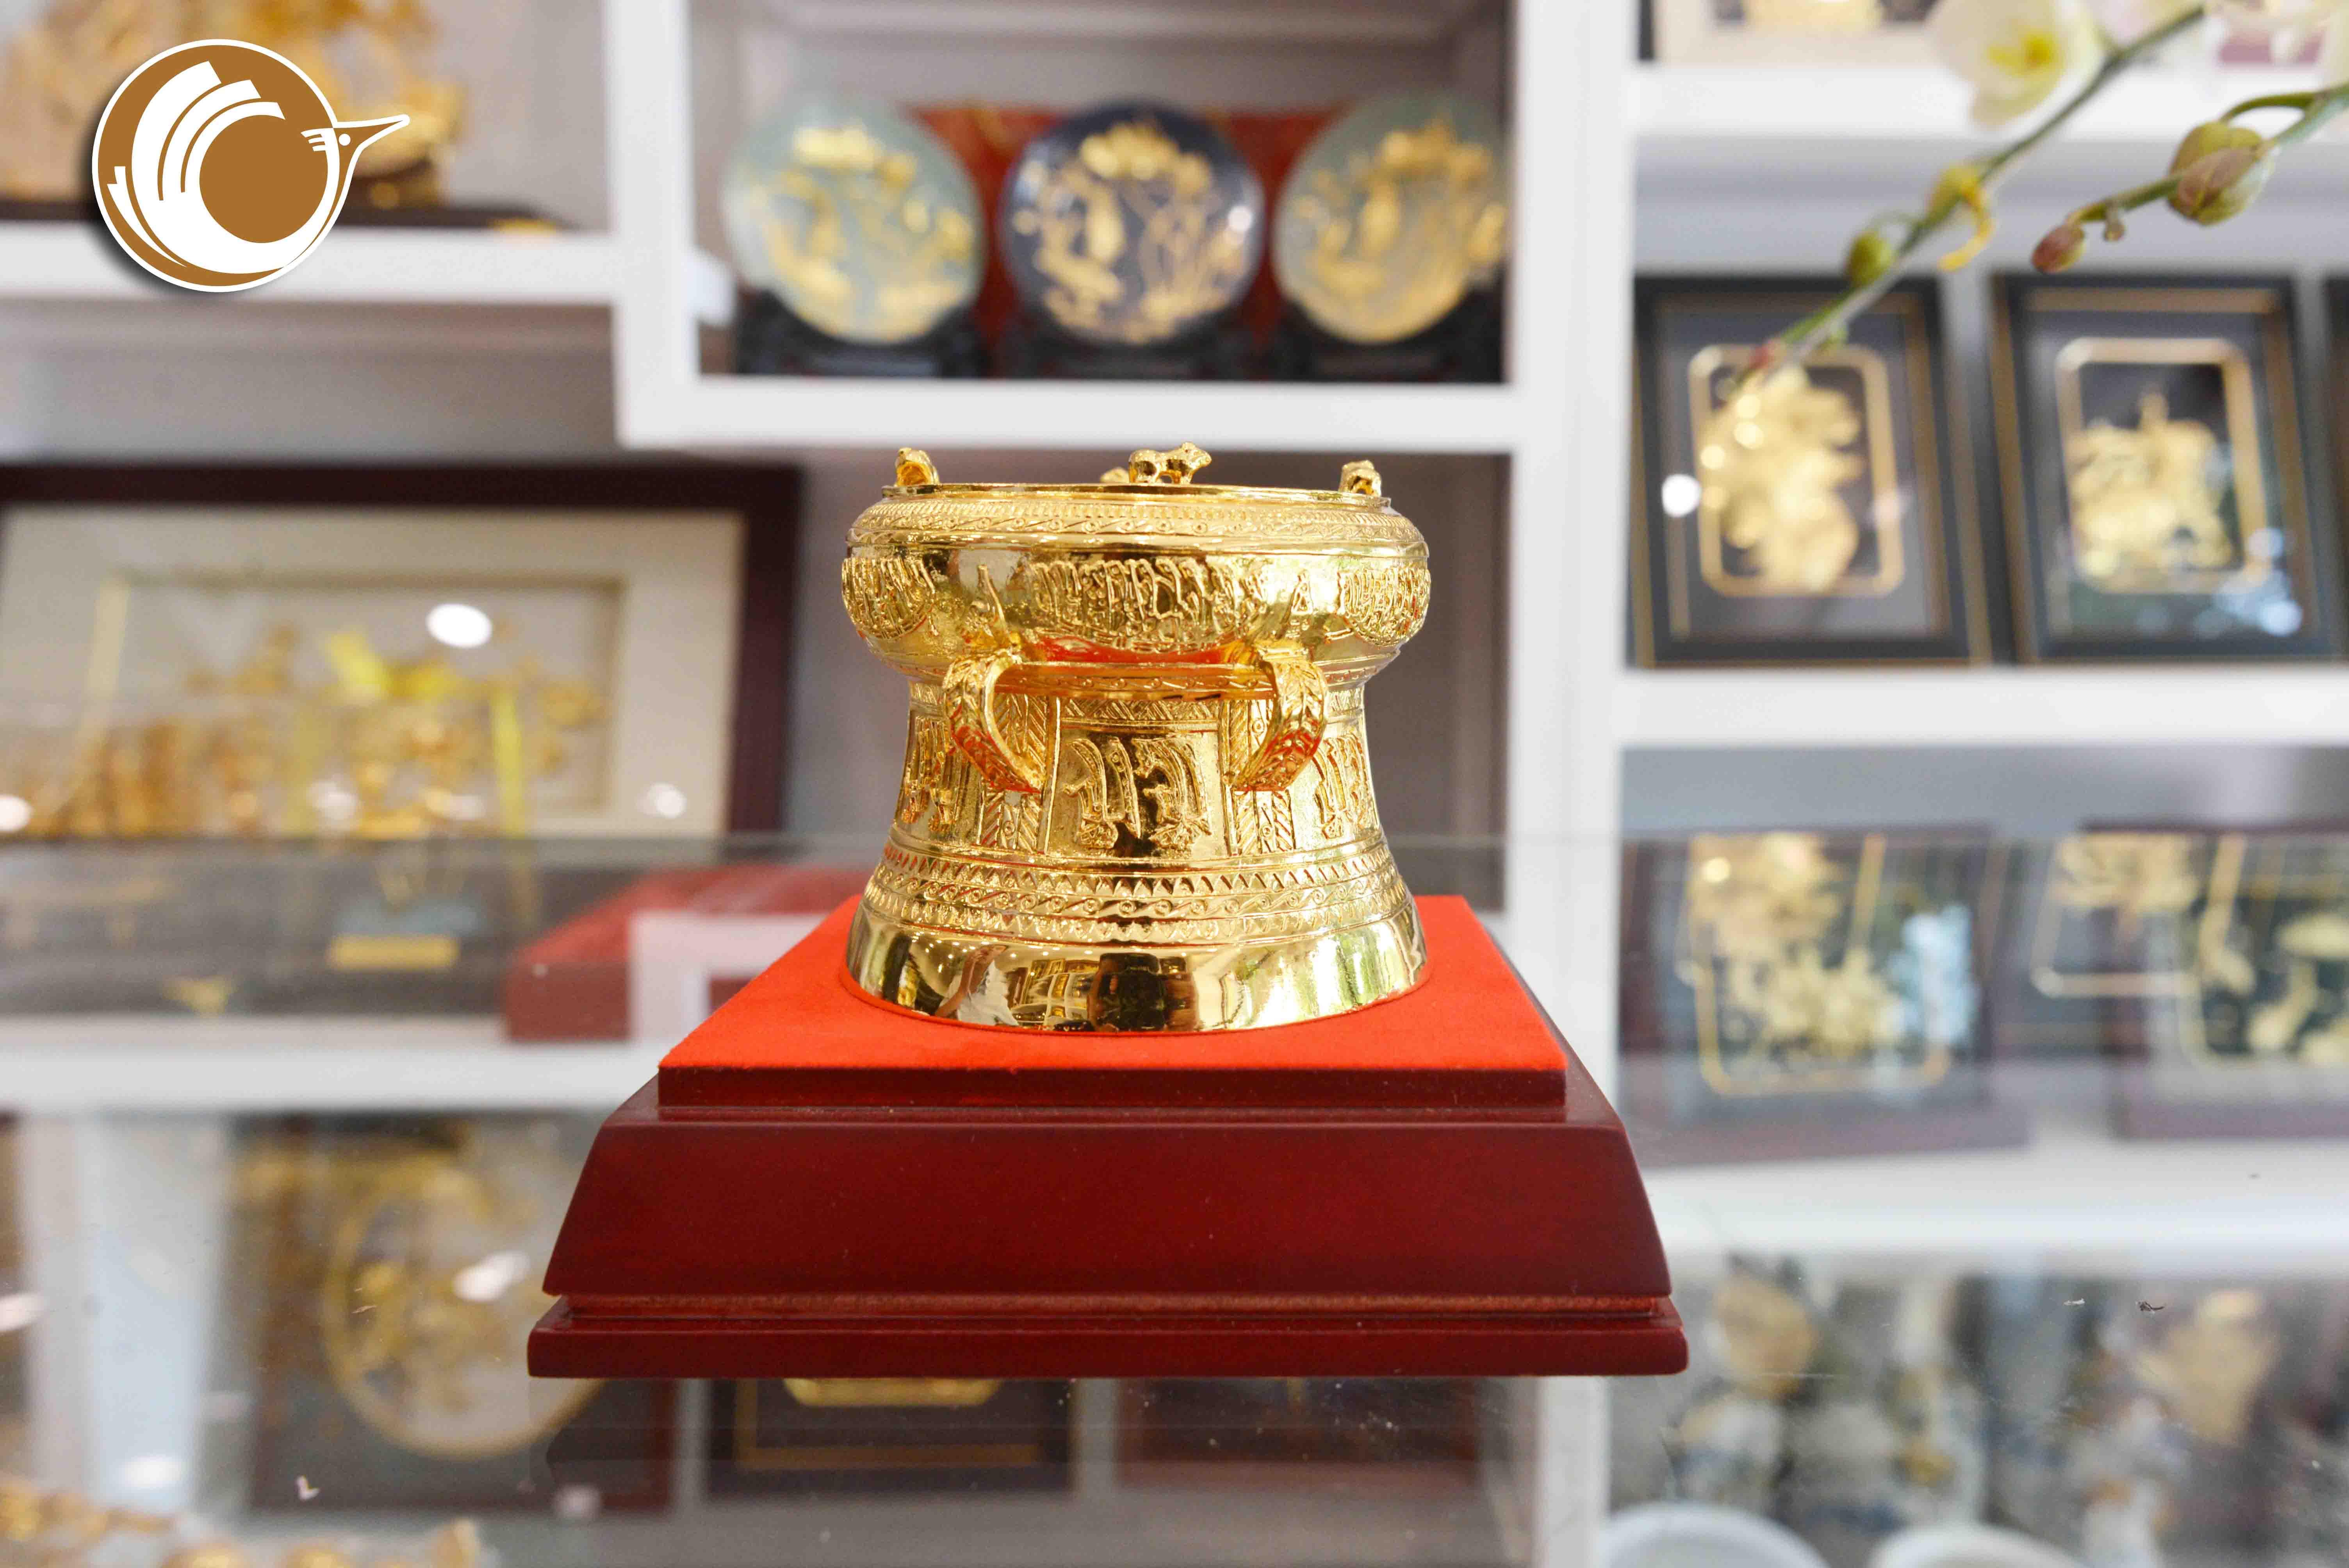 Quà tặng trống đồng mạ vàng đường kính 12cm